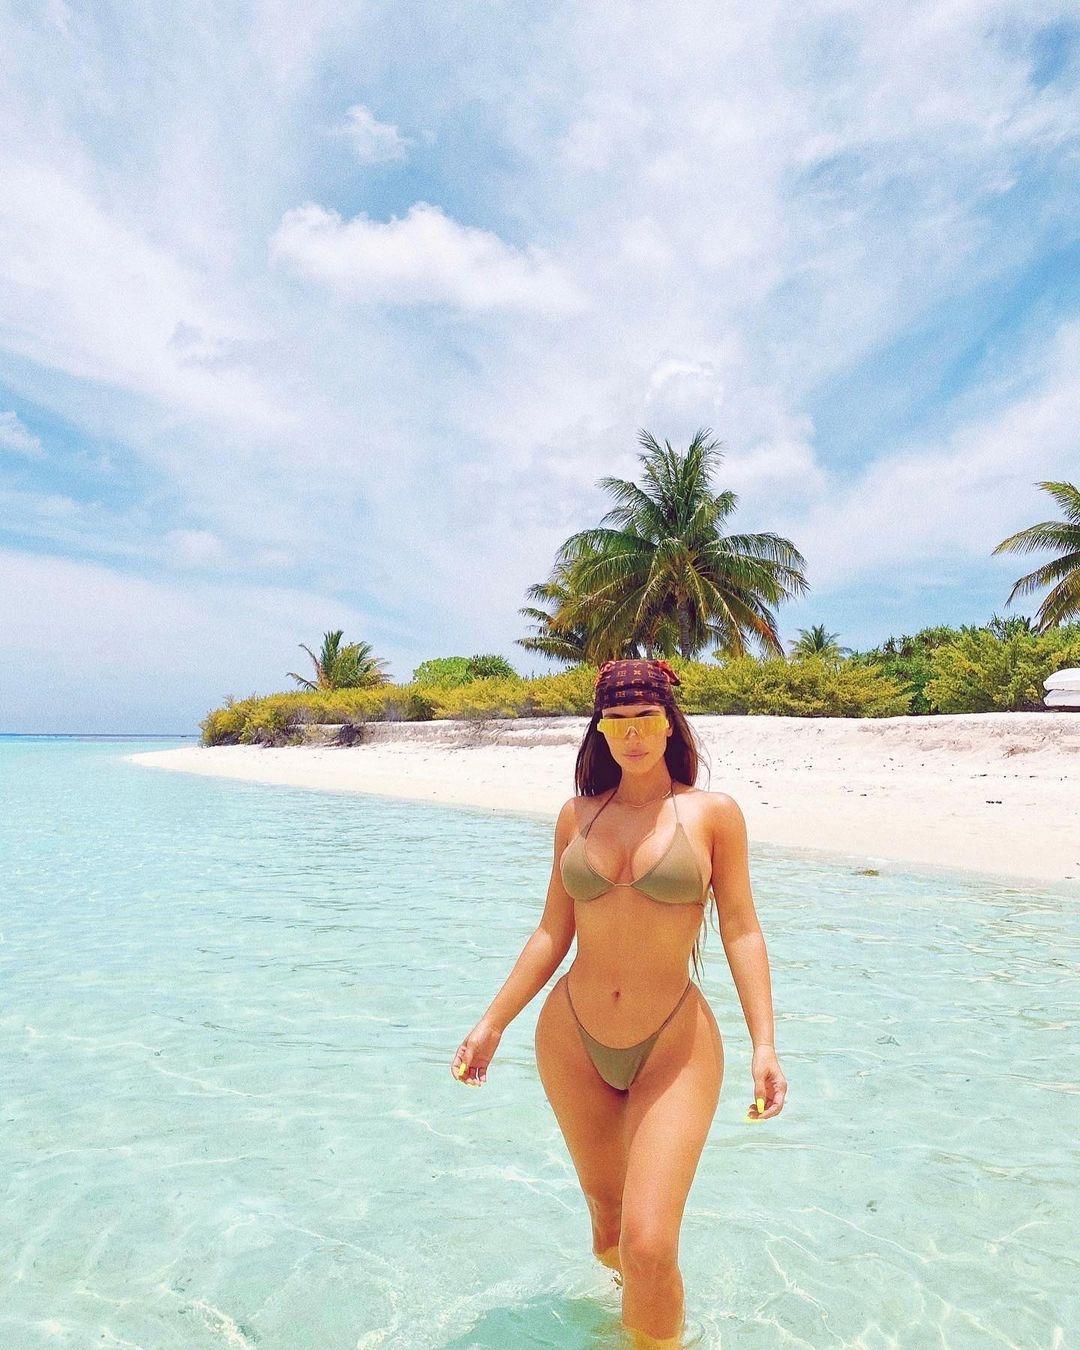 Слишком горячо: Ким Кардашьян показала соблазнительные фото в купальнике - фото №3